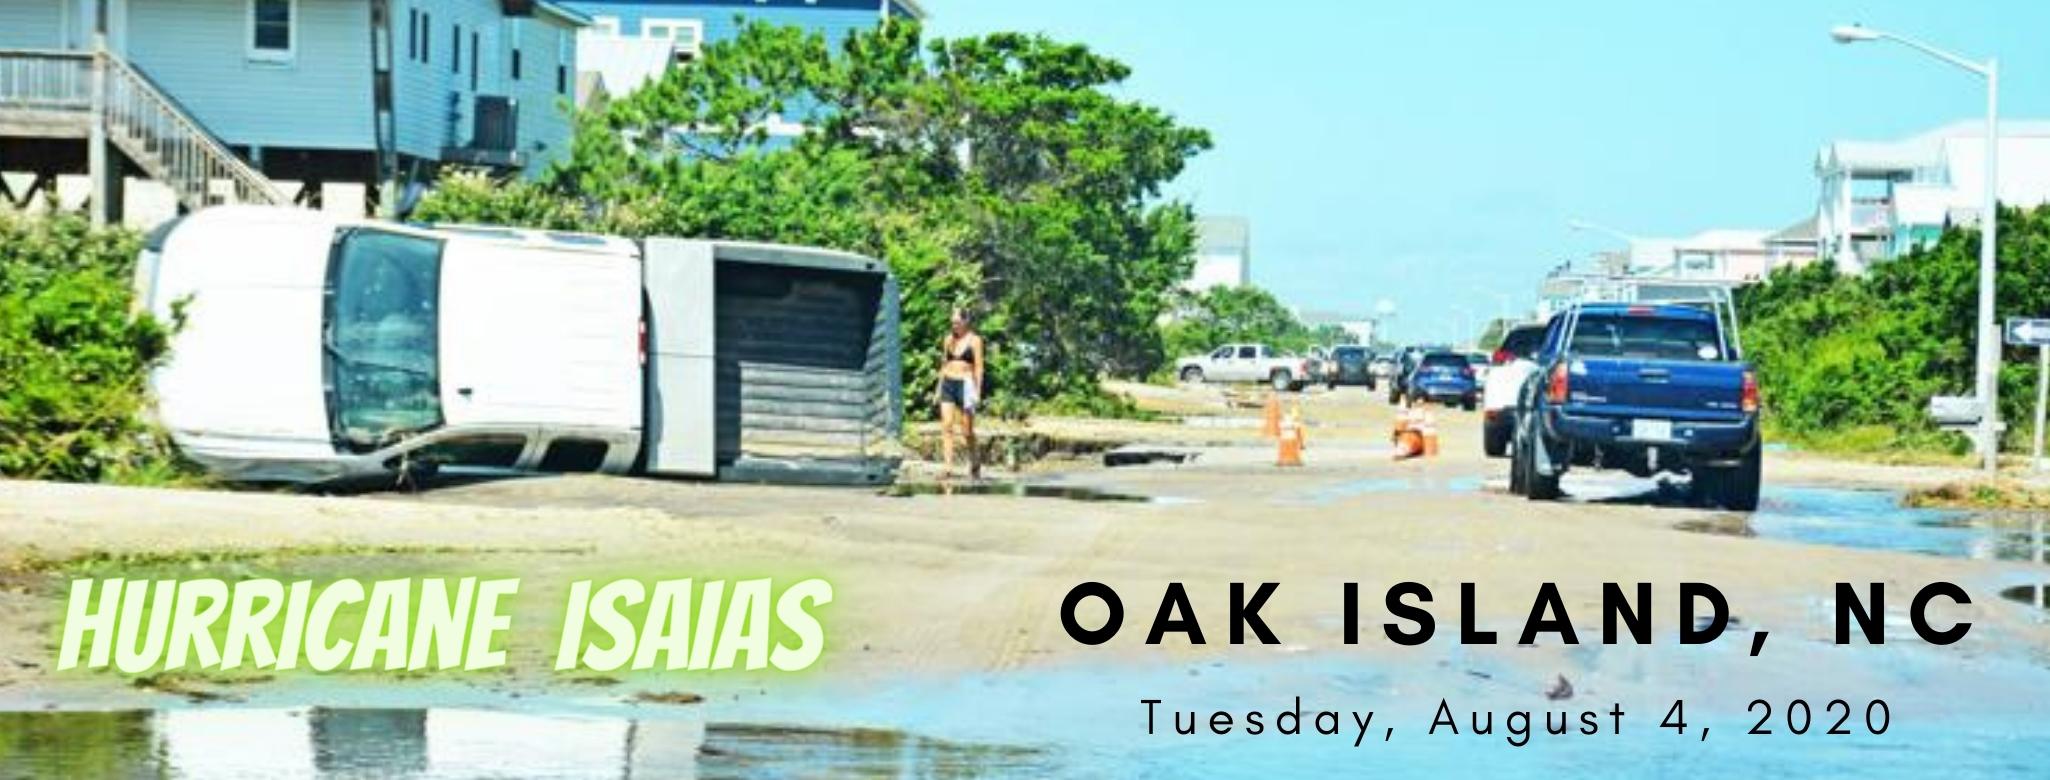 Hurricane Isaias - Oak Island image